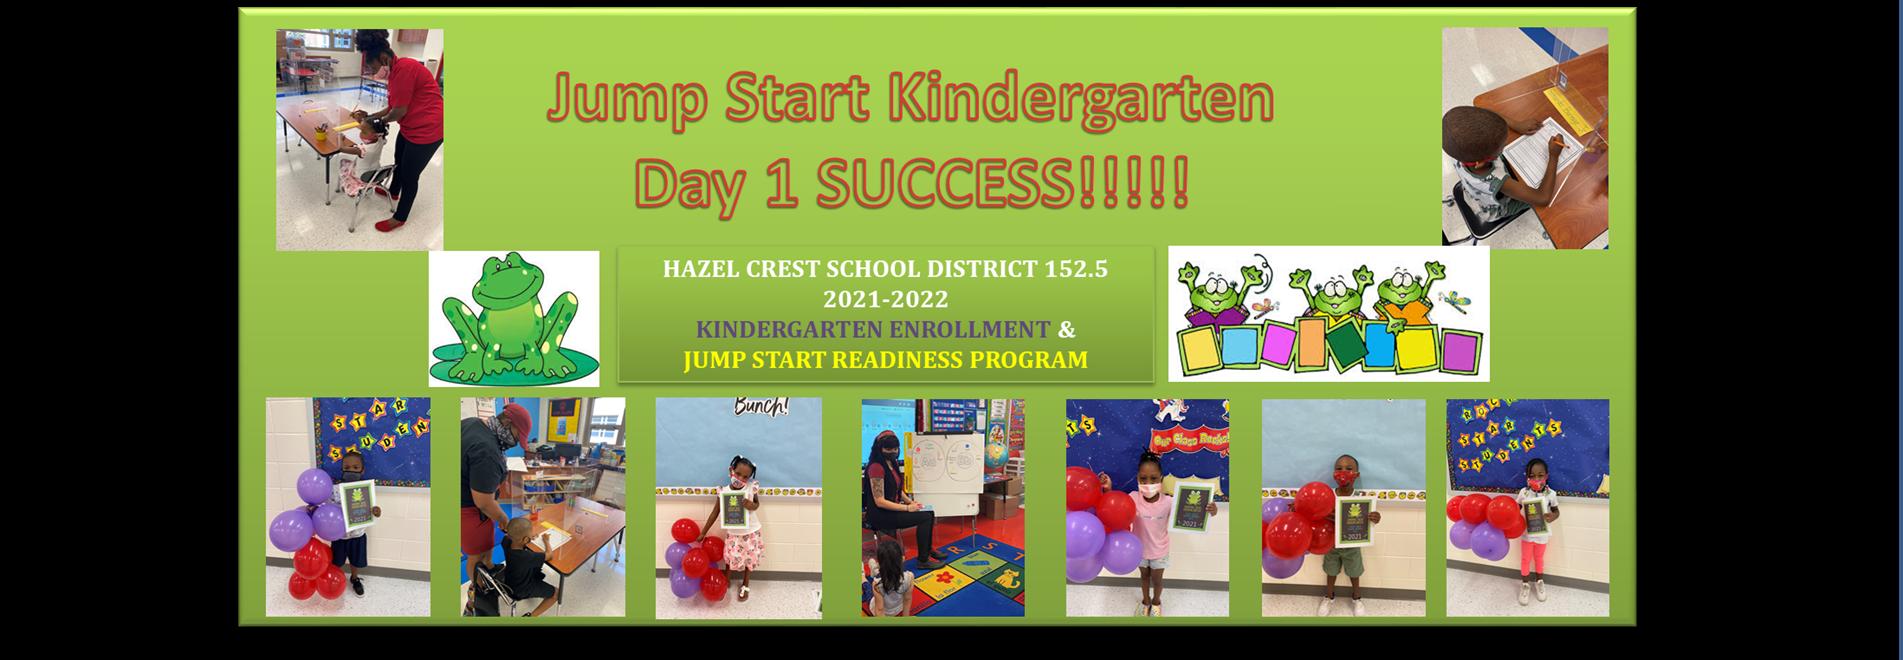 Jump Start Readiness - Monday, July 26